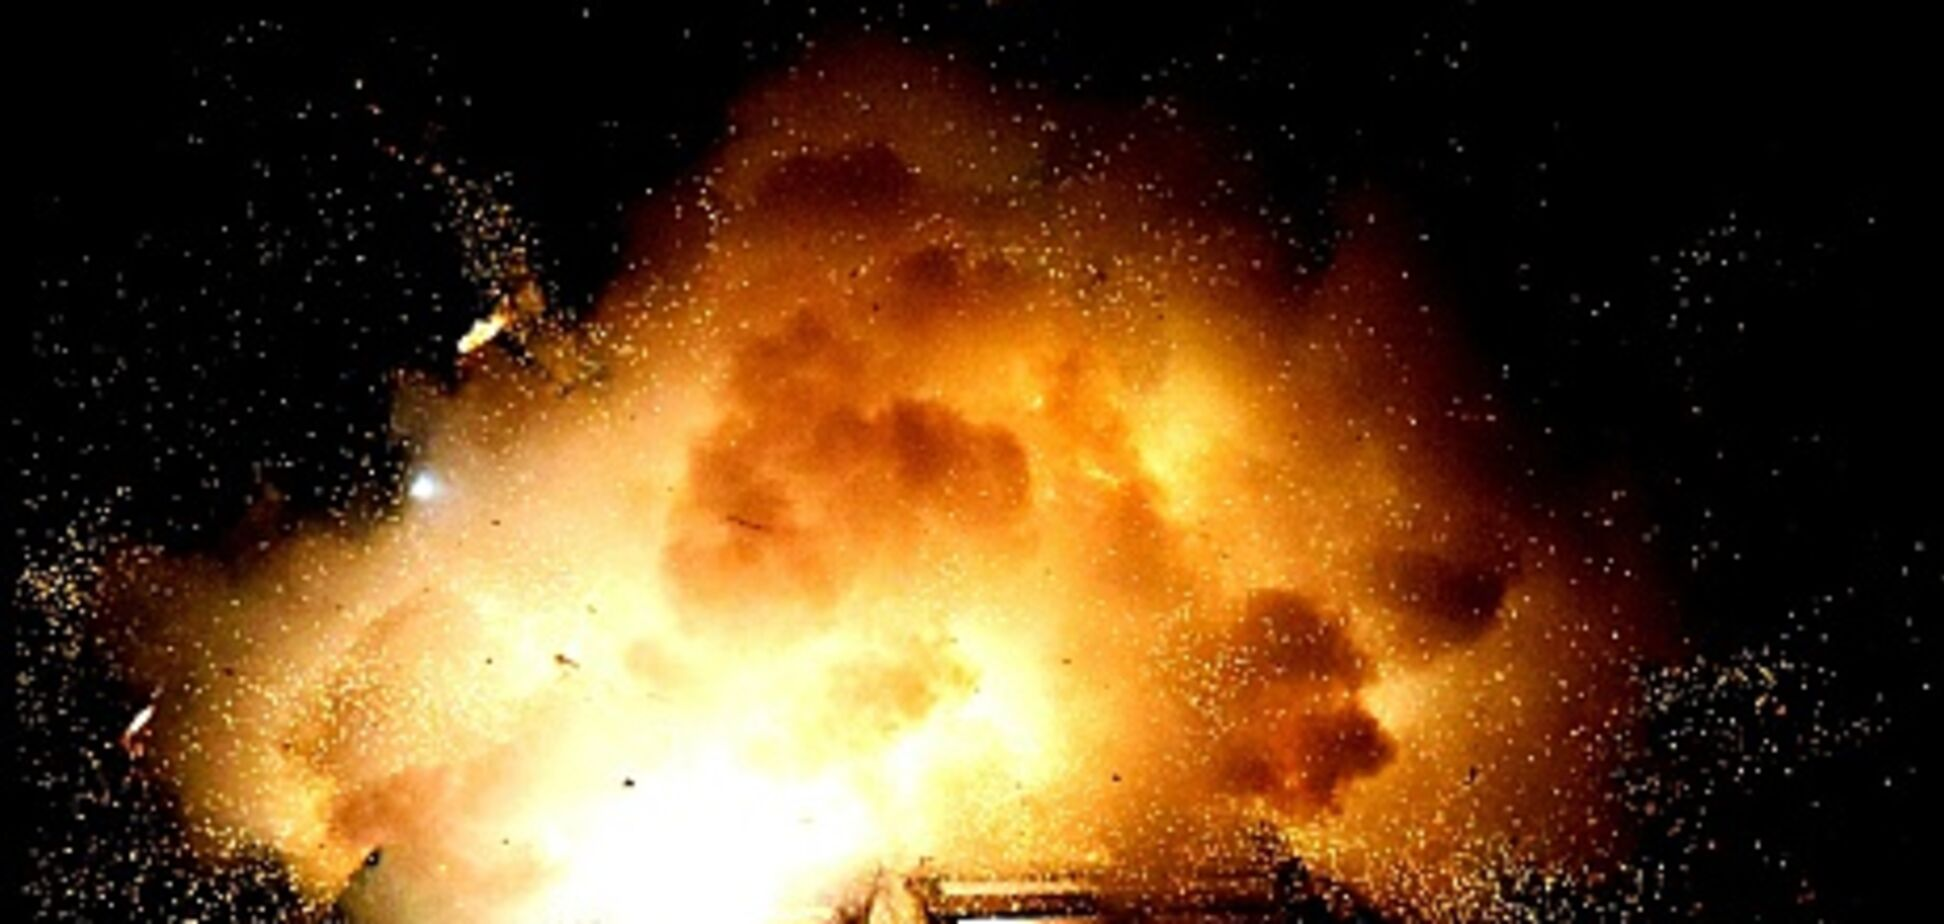 Больше, чем за три года войны: названы шокирующие цифры потерь Украины в Калиновке